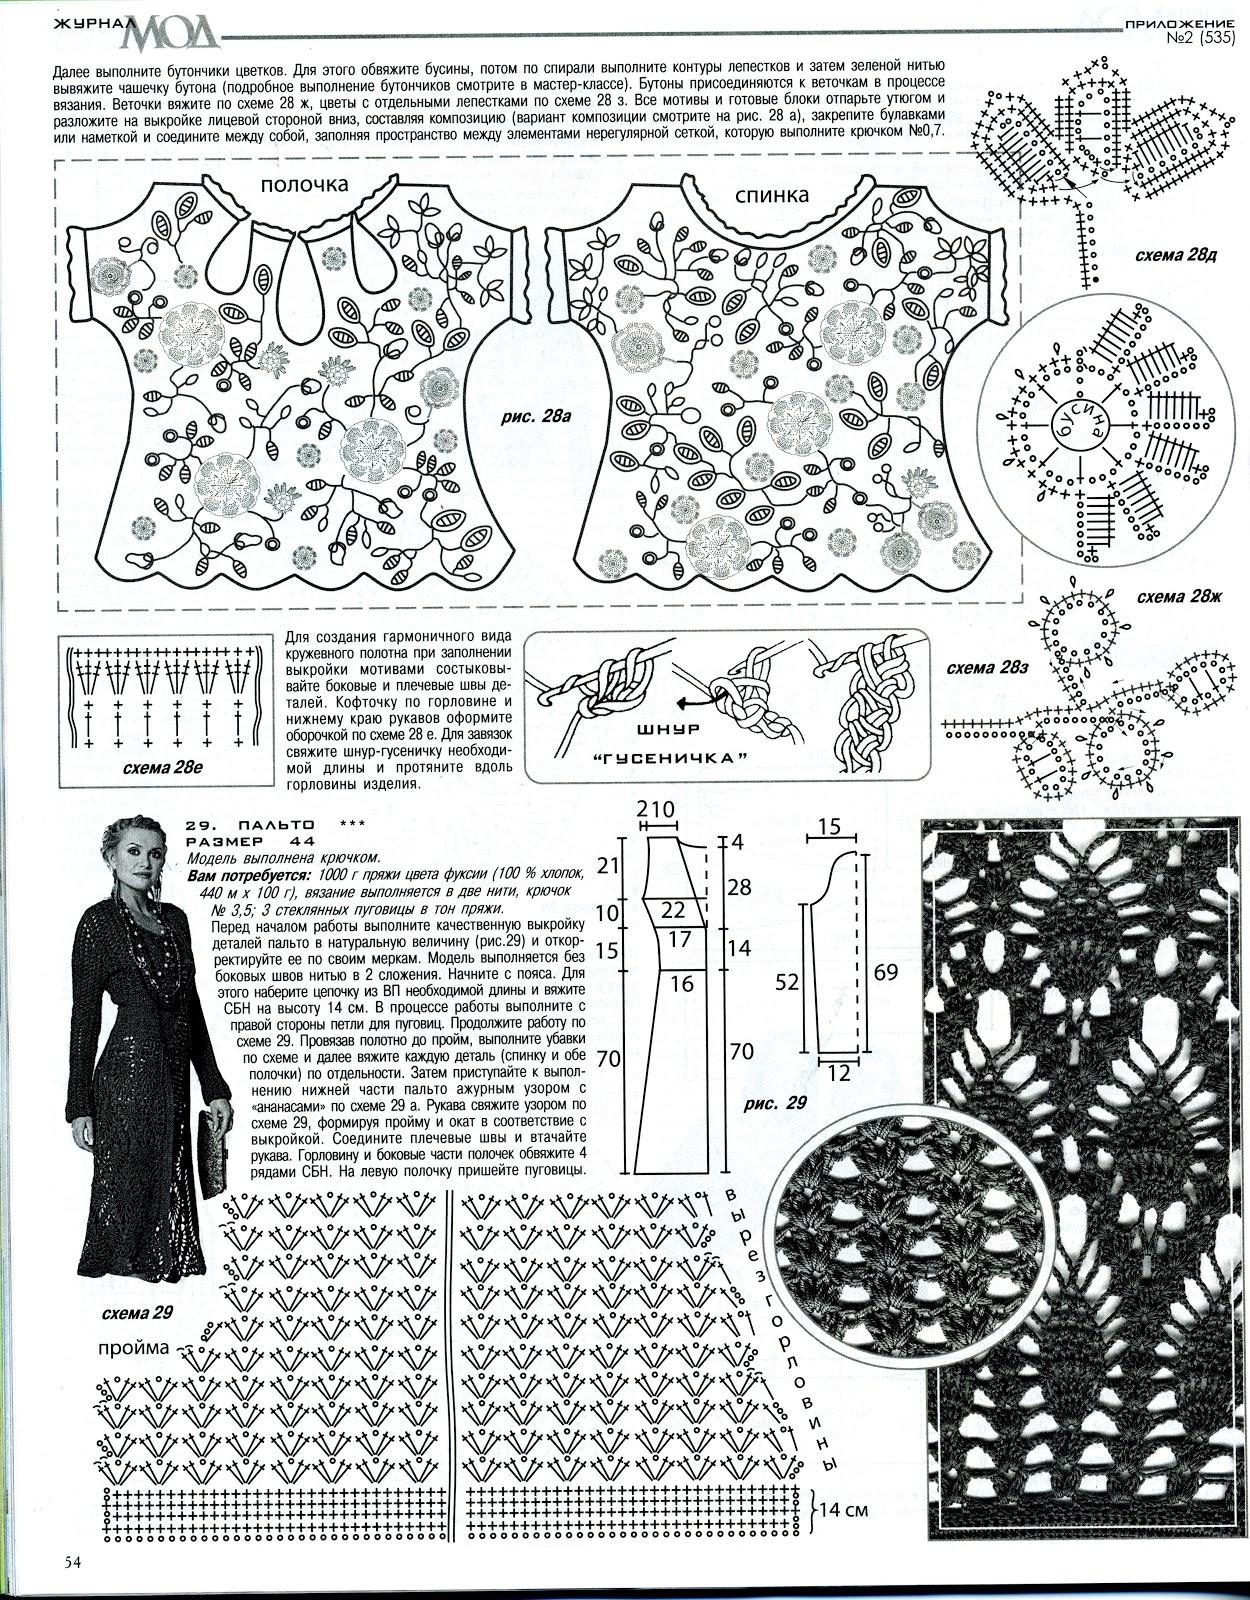 Вязание крючком схемы и модели журнала мод 121